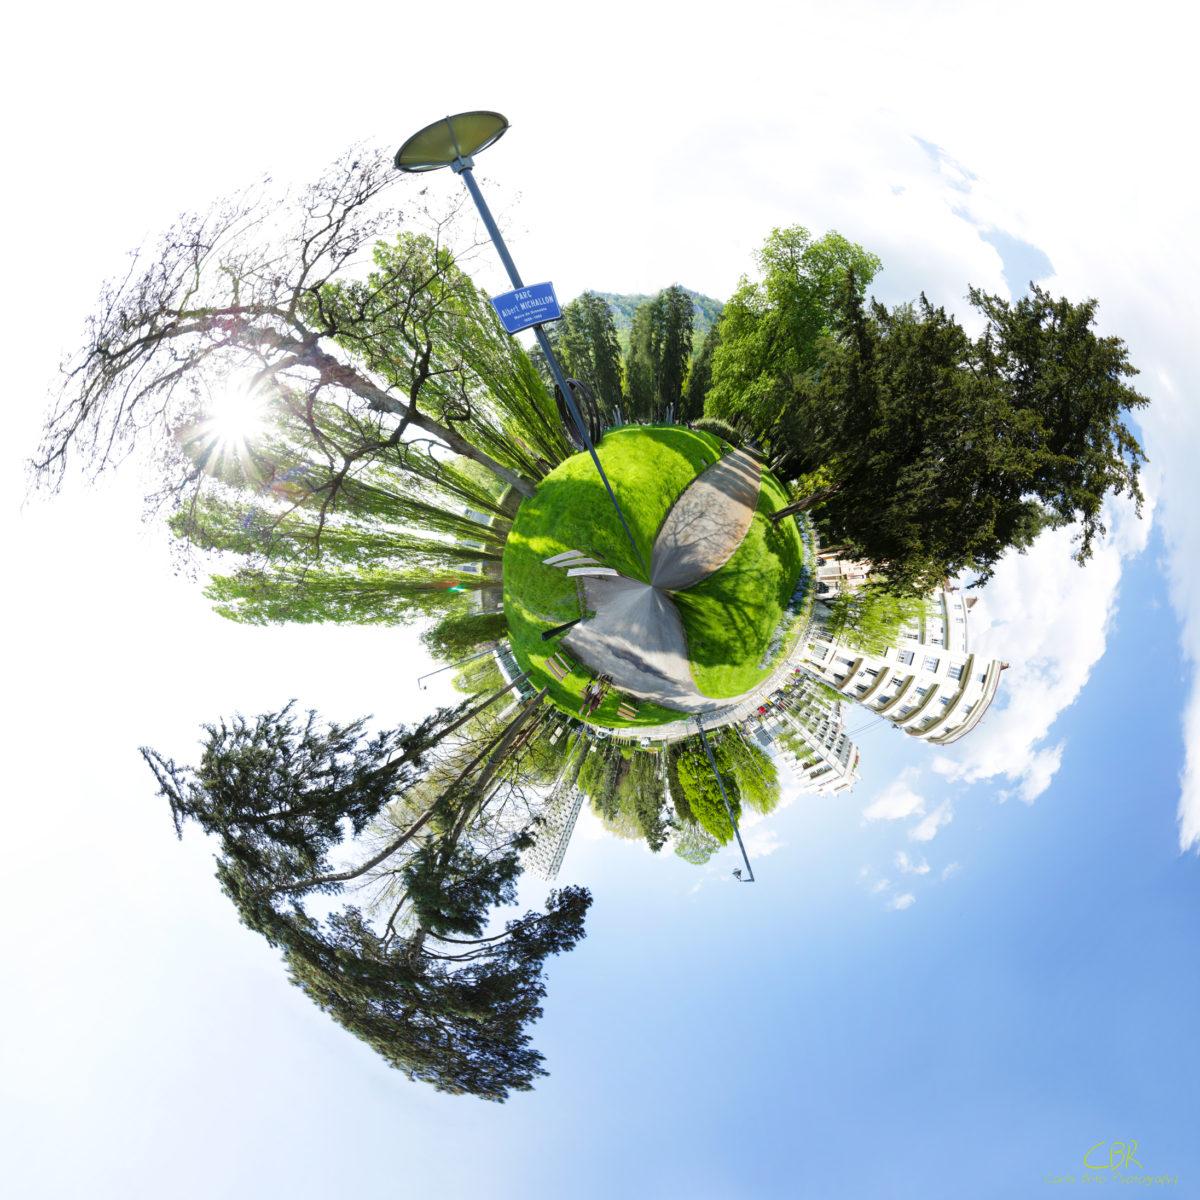 My little planet #2 @ Park Albert-Michallon - Grenoble (France)